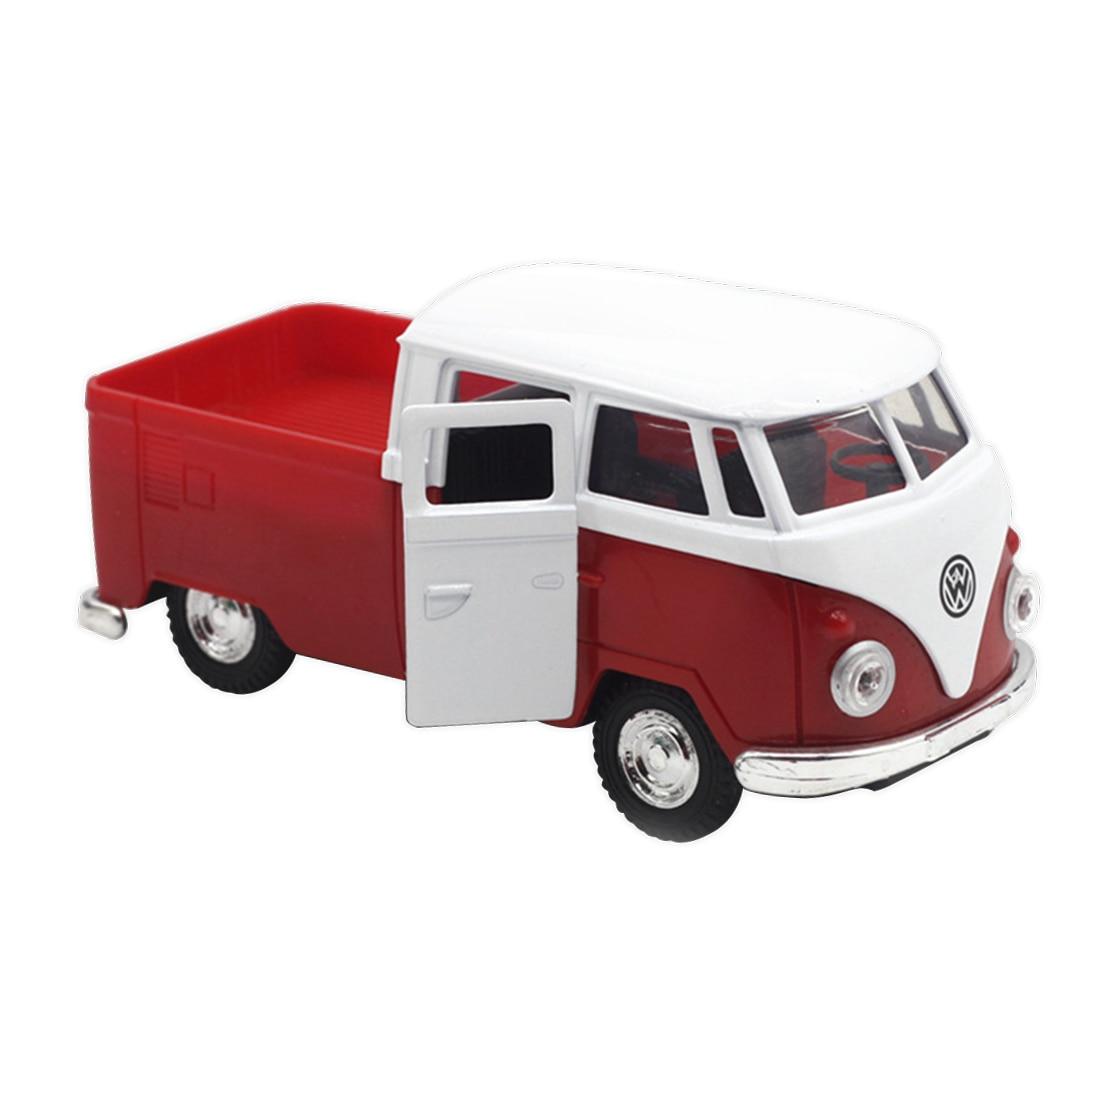 Горячая Распродажа красный моделирование 1:32 звук и свет музыка отступить Ретро фургона ...